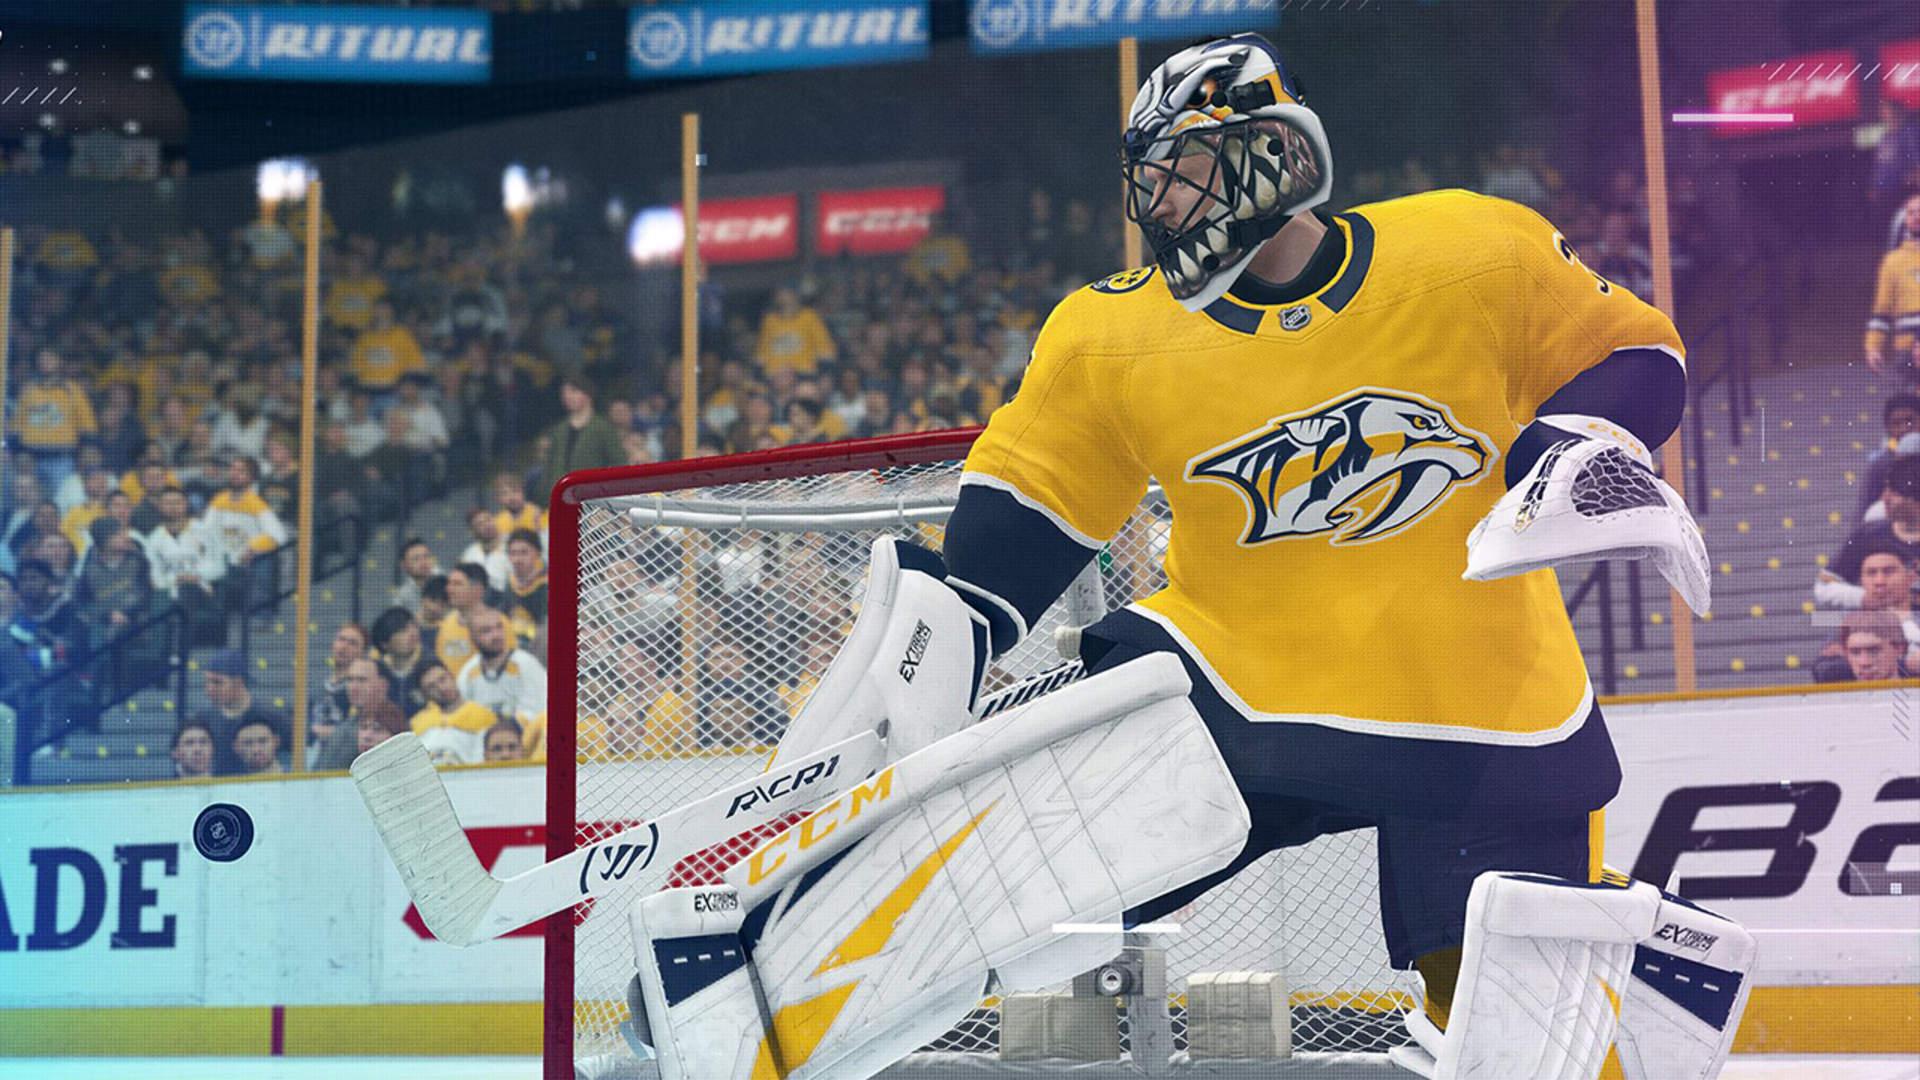 Дата выхода NHL 21 сдвинута, версия для Xbox Series X не выйдет